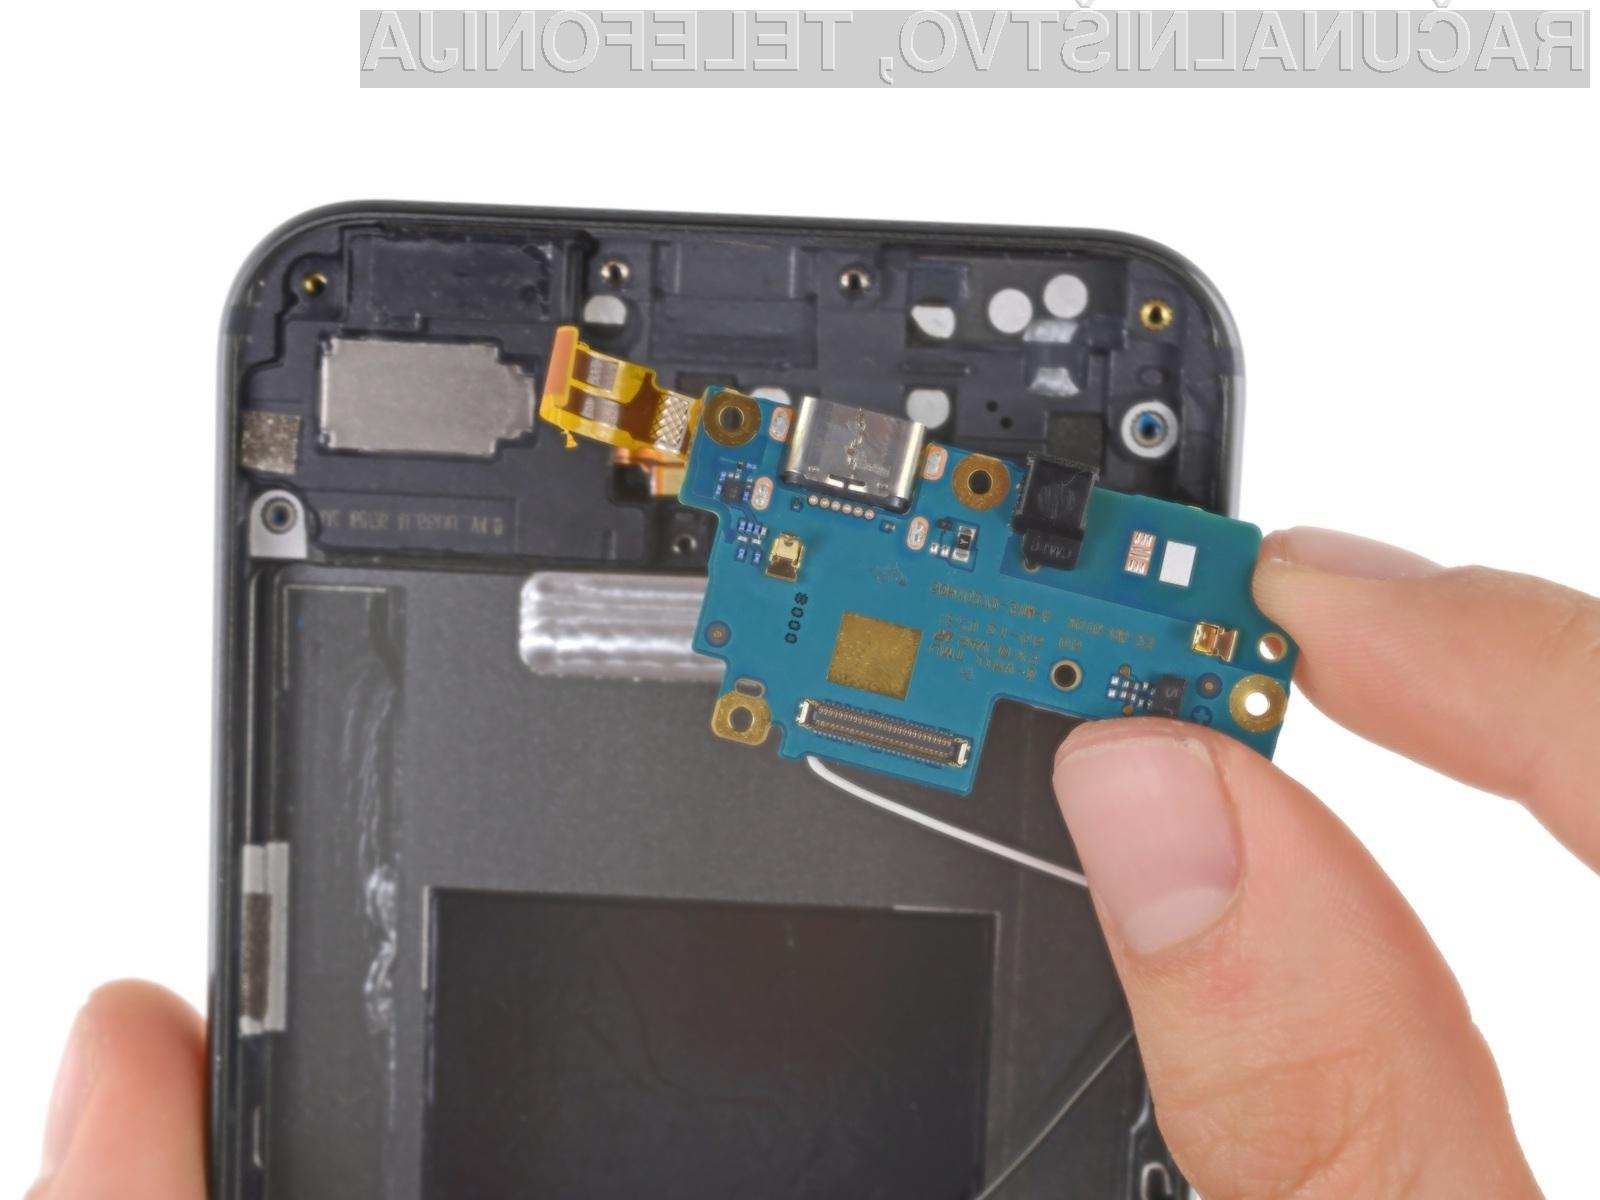 Pri telefonu Google Pixel XL je najtežje ločiti zaslon od zaščitnega stekla!